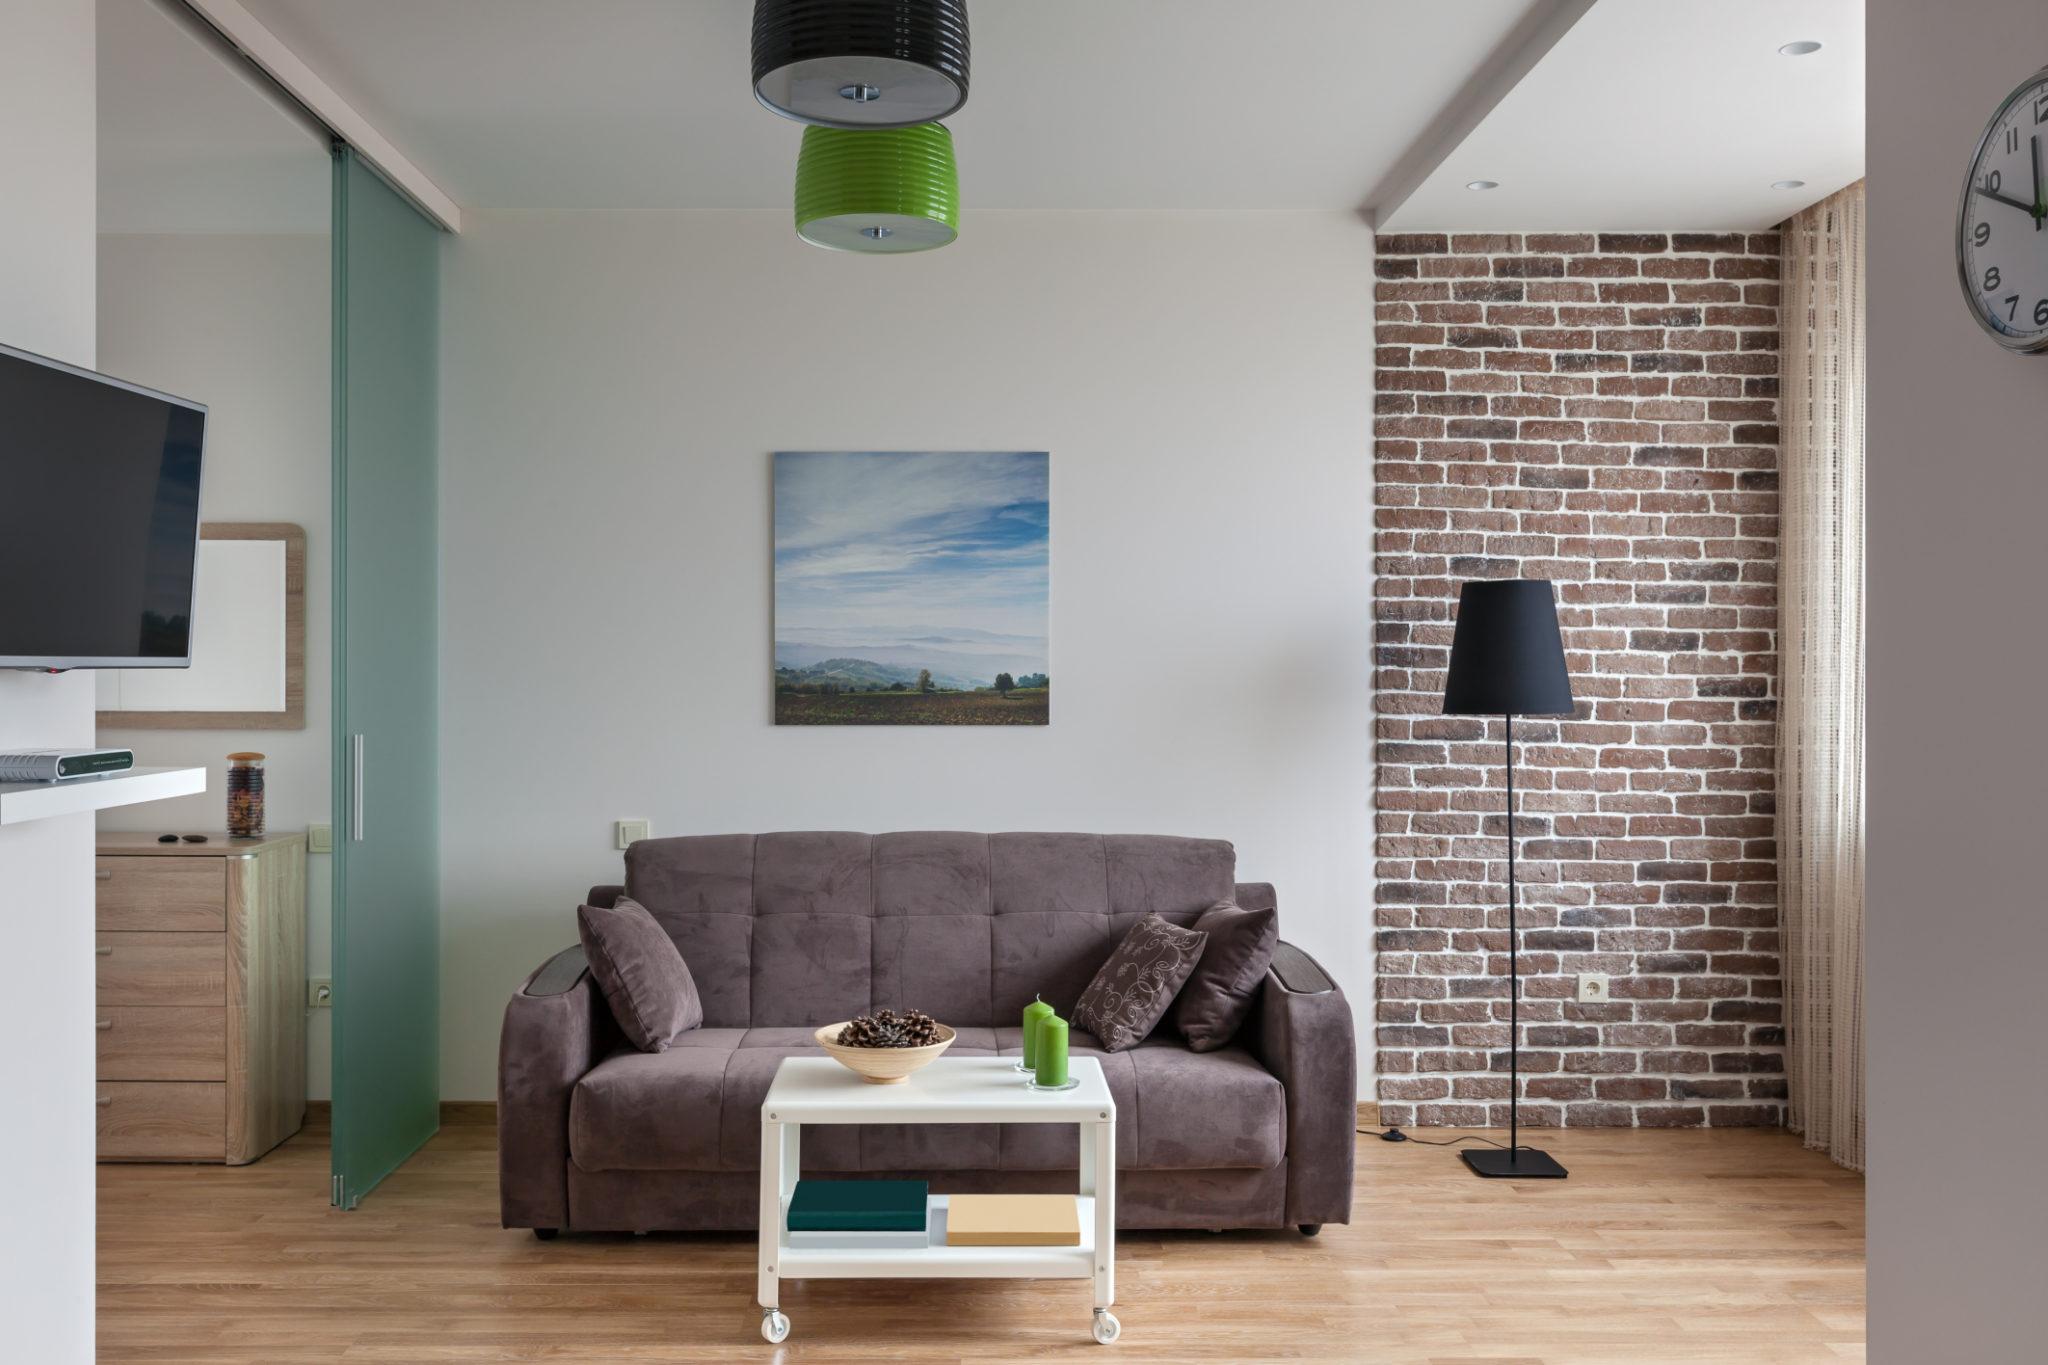 einrichtungstipps f r die wohnung im skandinavischen stil erstewohnung. Black Bedroom Furniture Sets. Home Design Ideas